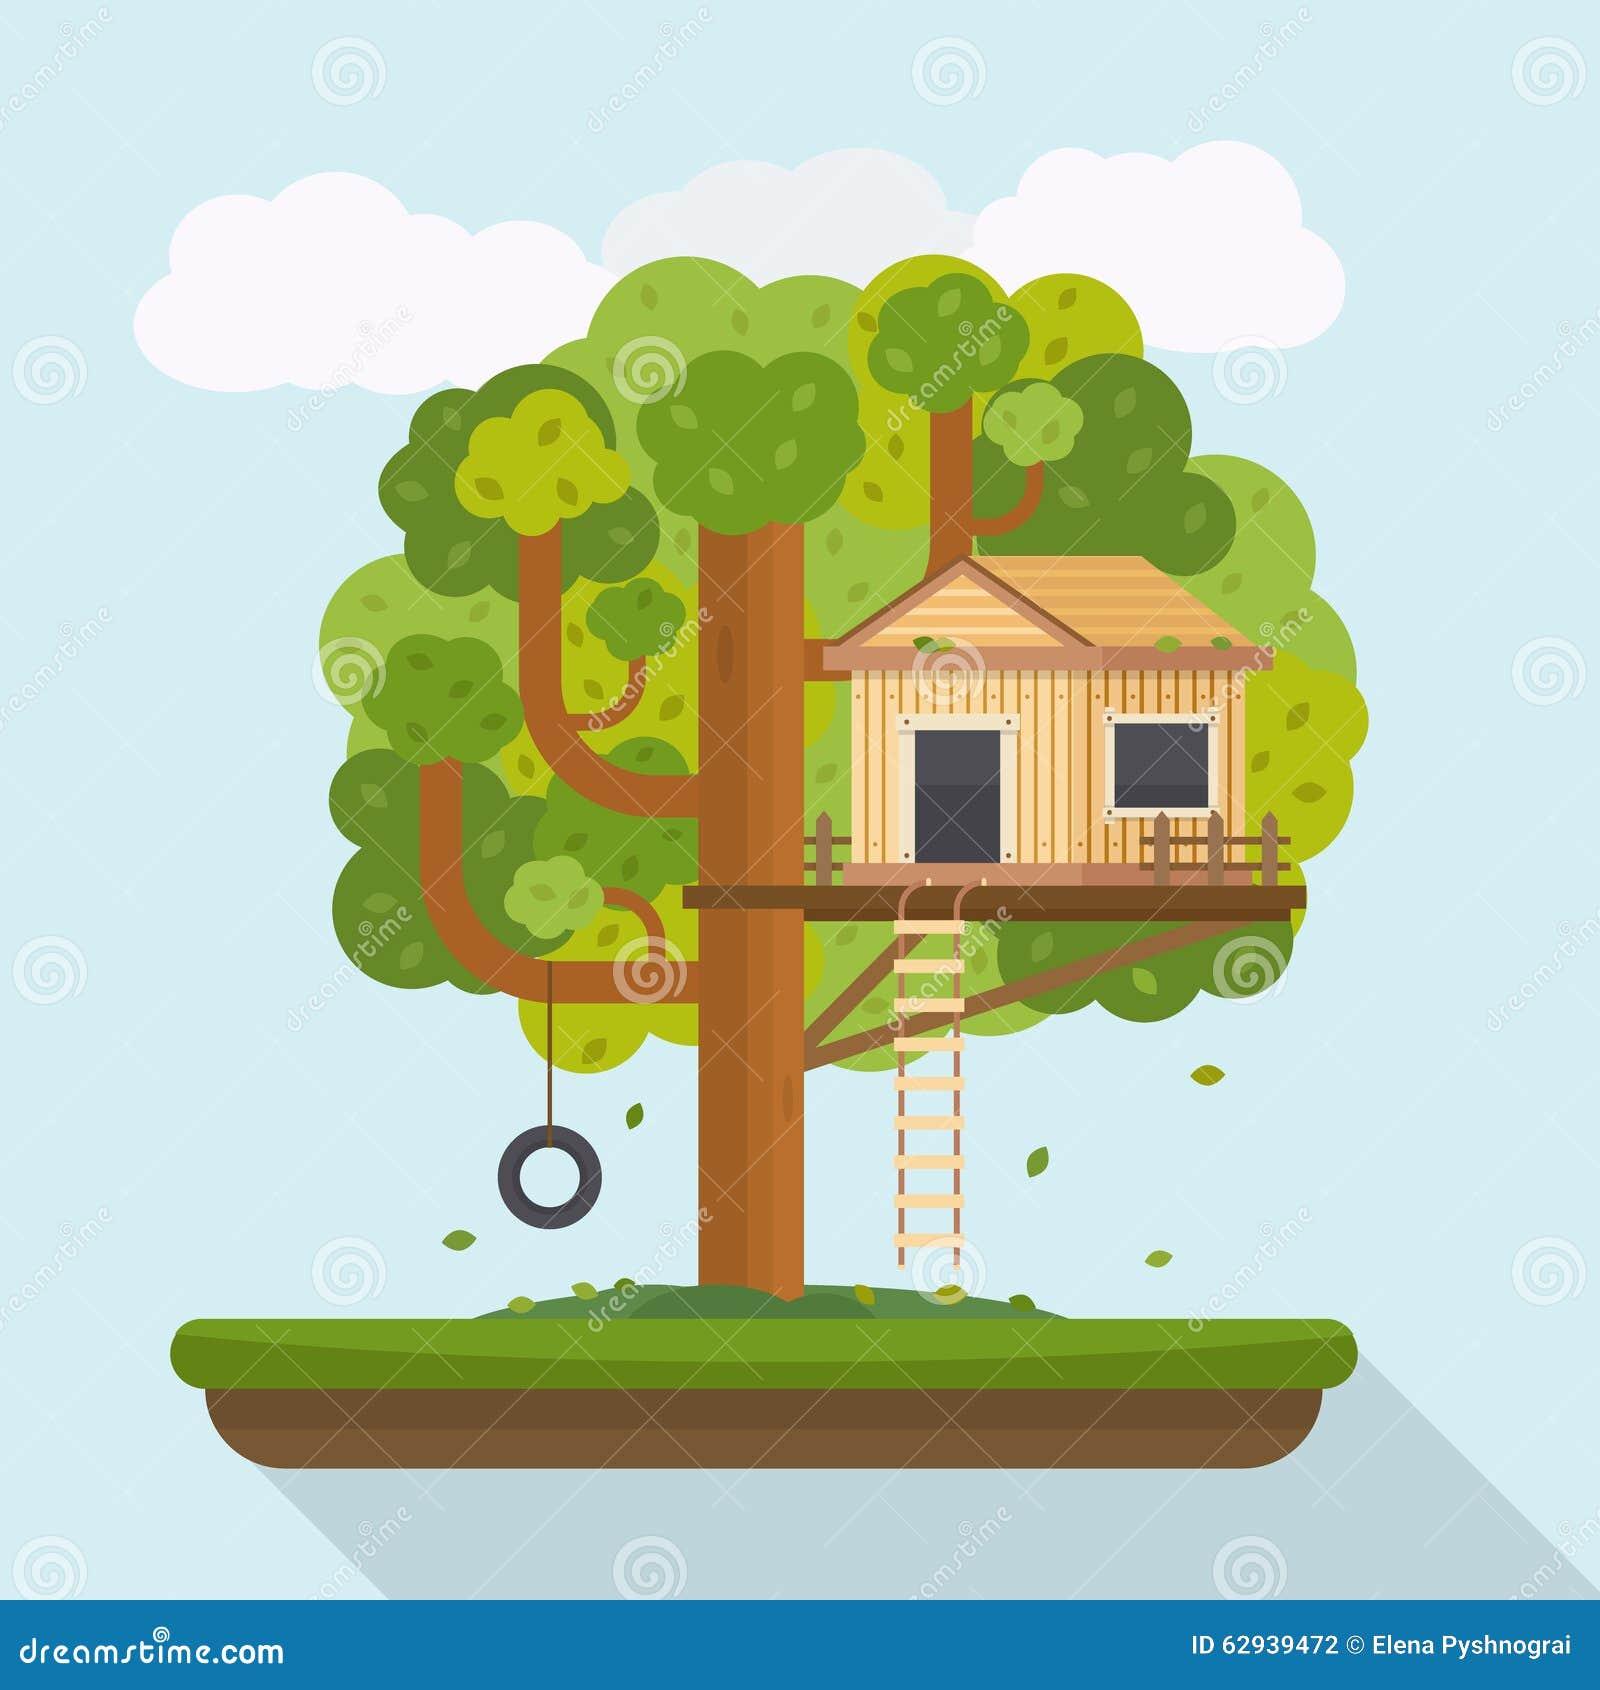 cabane dans un arbre chambre sur l 39 arbre pour des enfants illustration de vecteur illustration. Black Bedroom Furniture Sets. Home Design Ideas